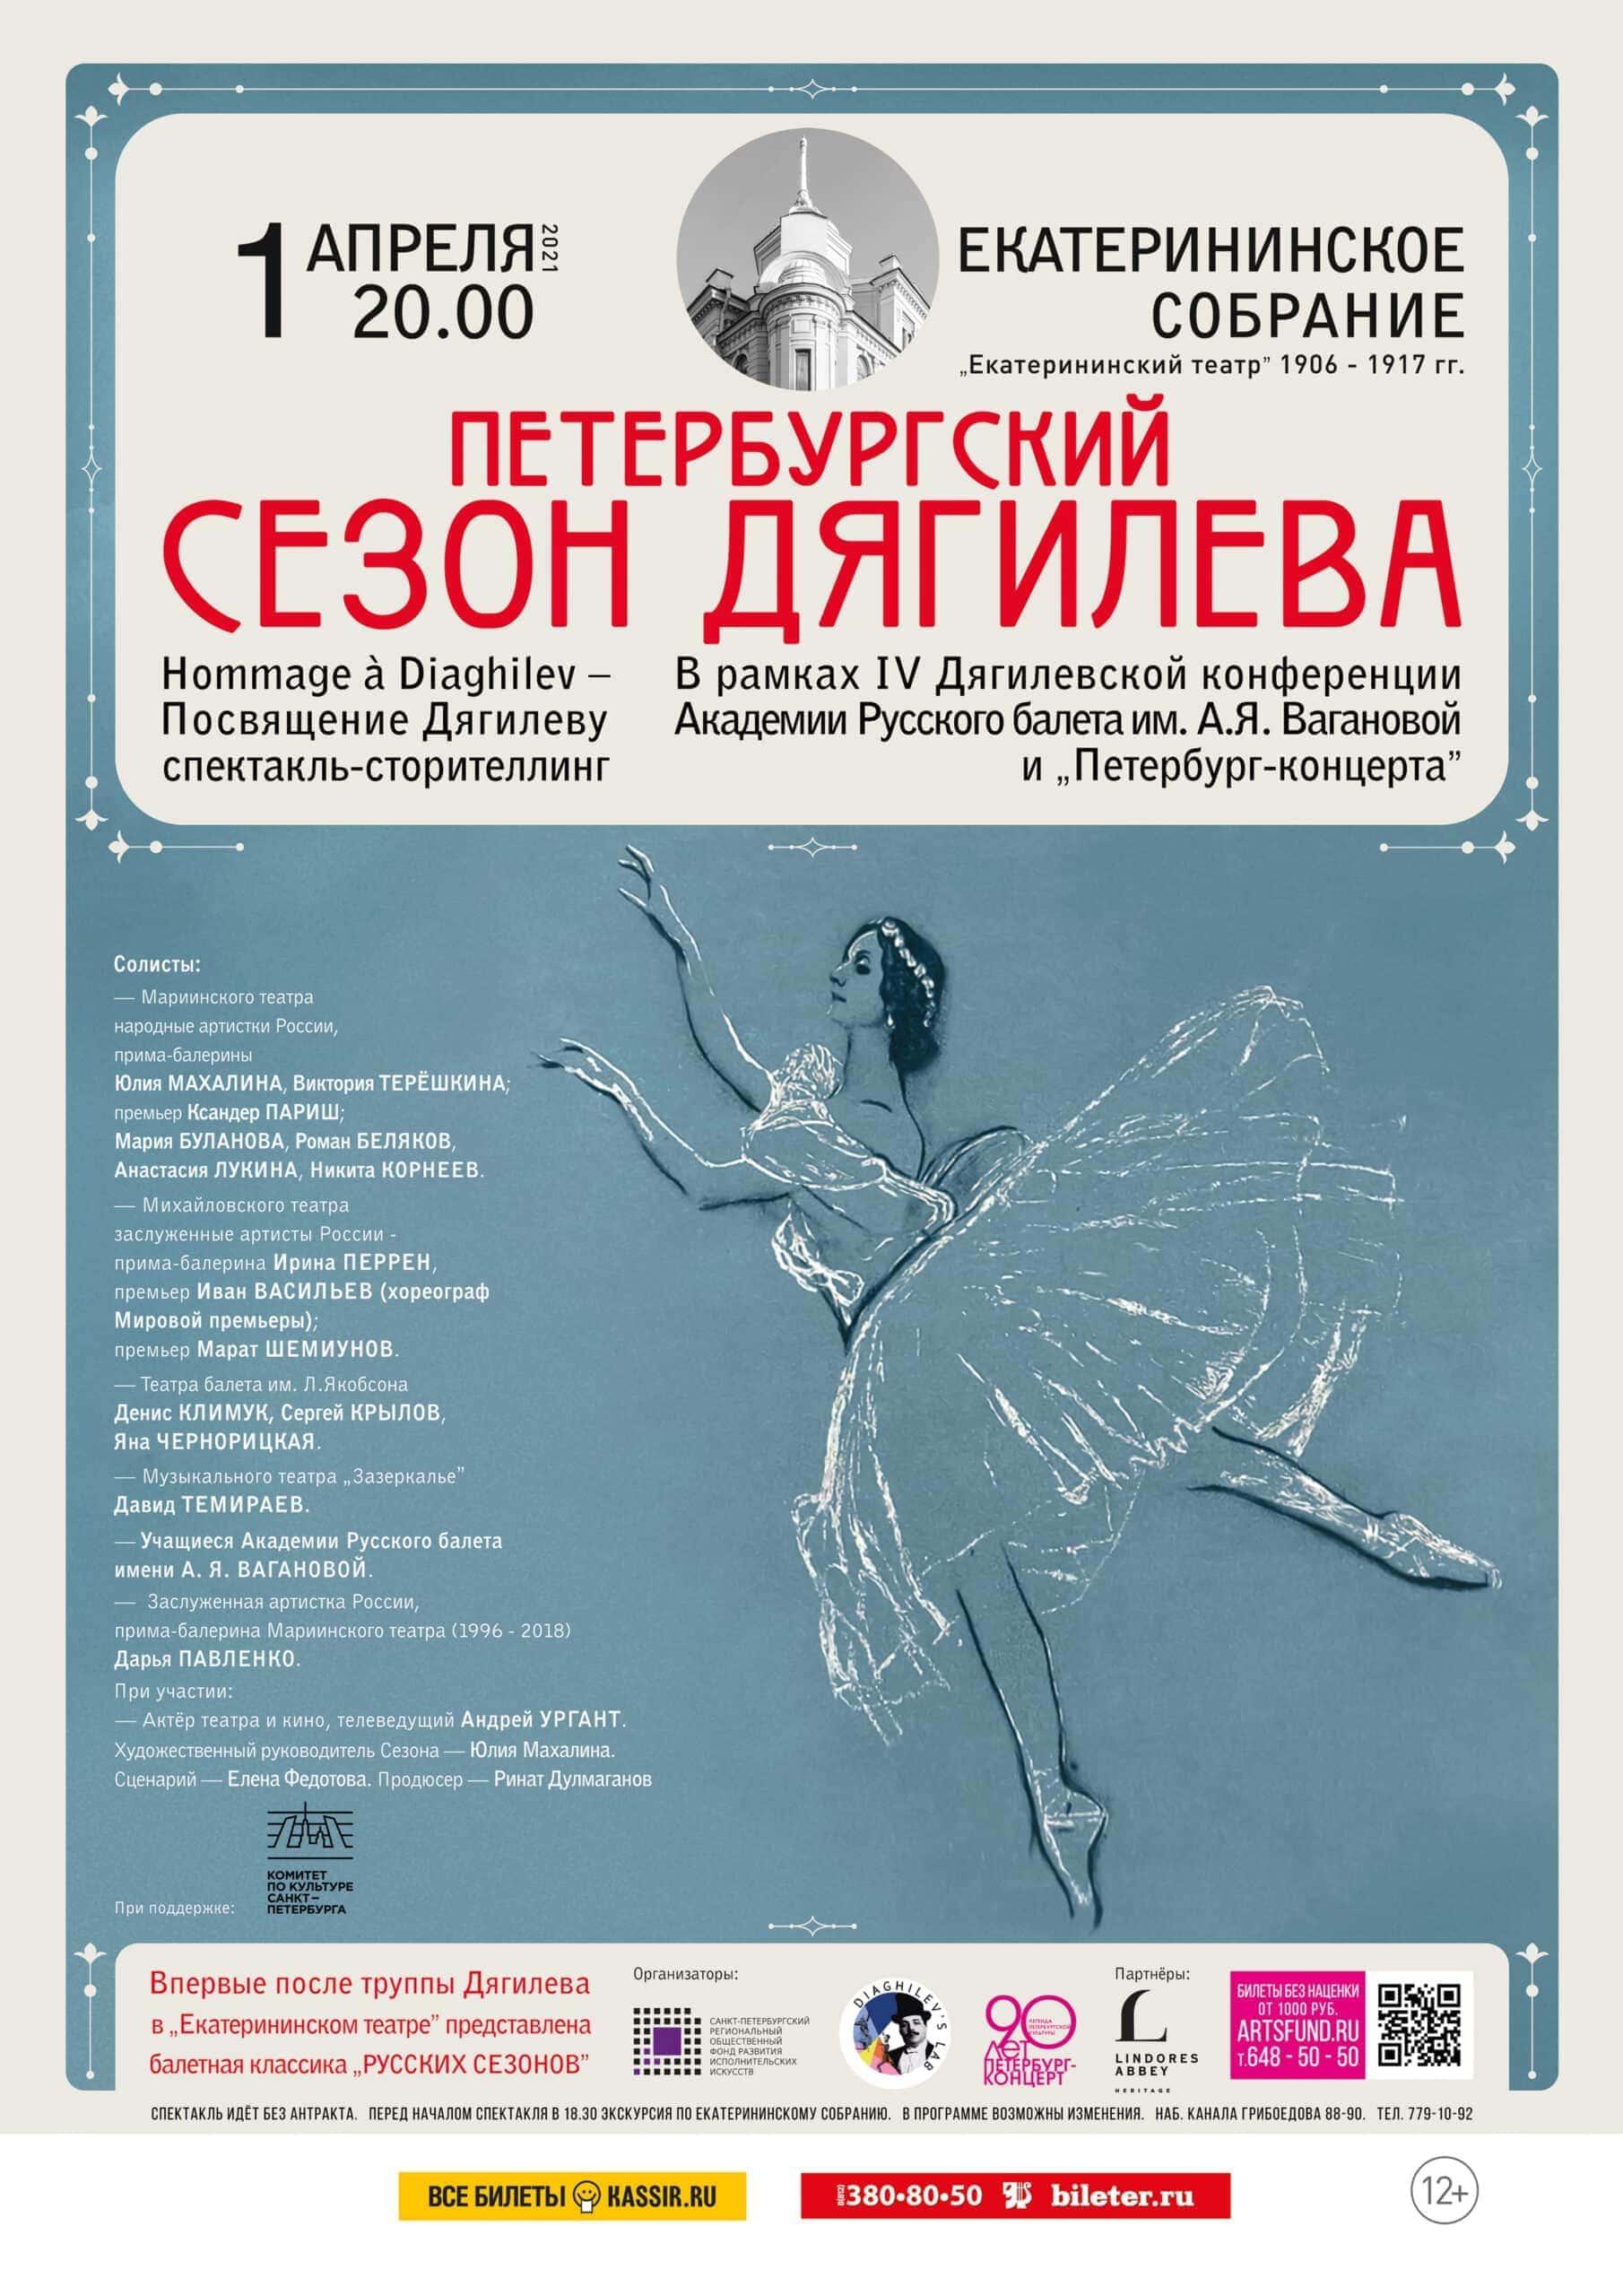 Спектакль-сторителлинг, посвященный Дягилеву, состоится 1 апреля в Санкт-Петербурге